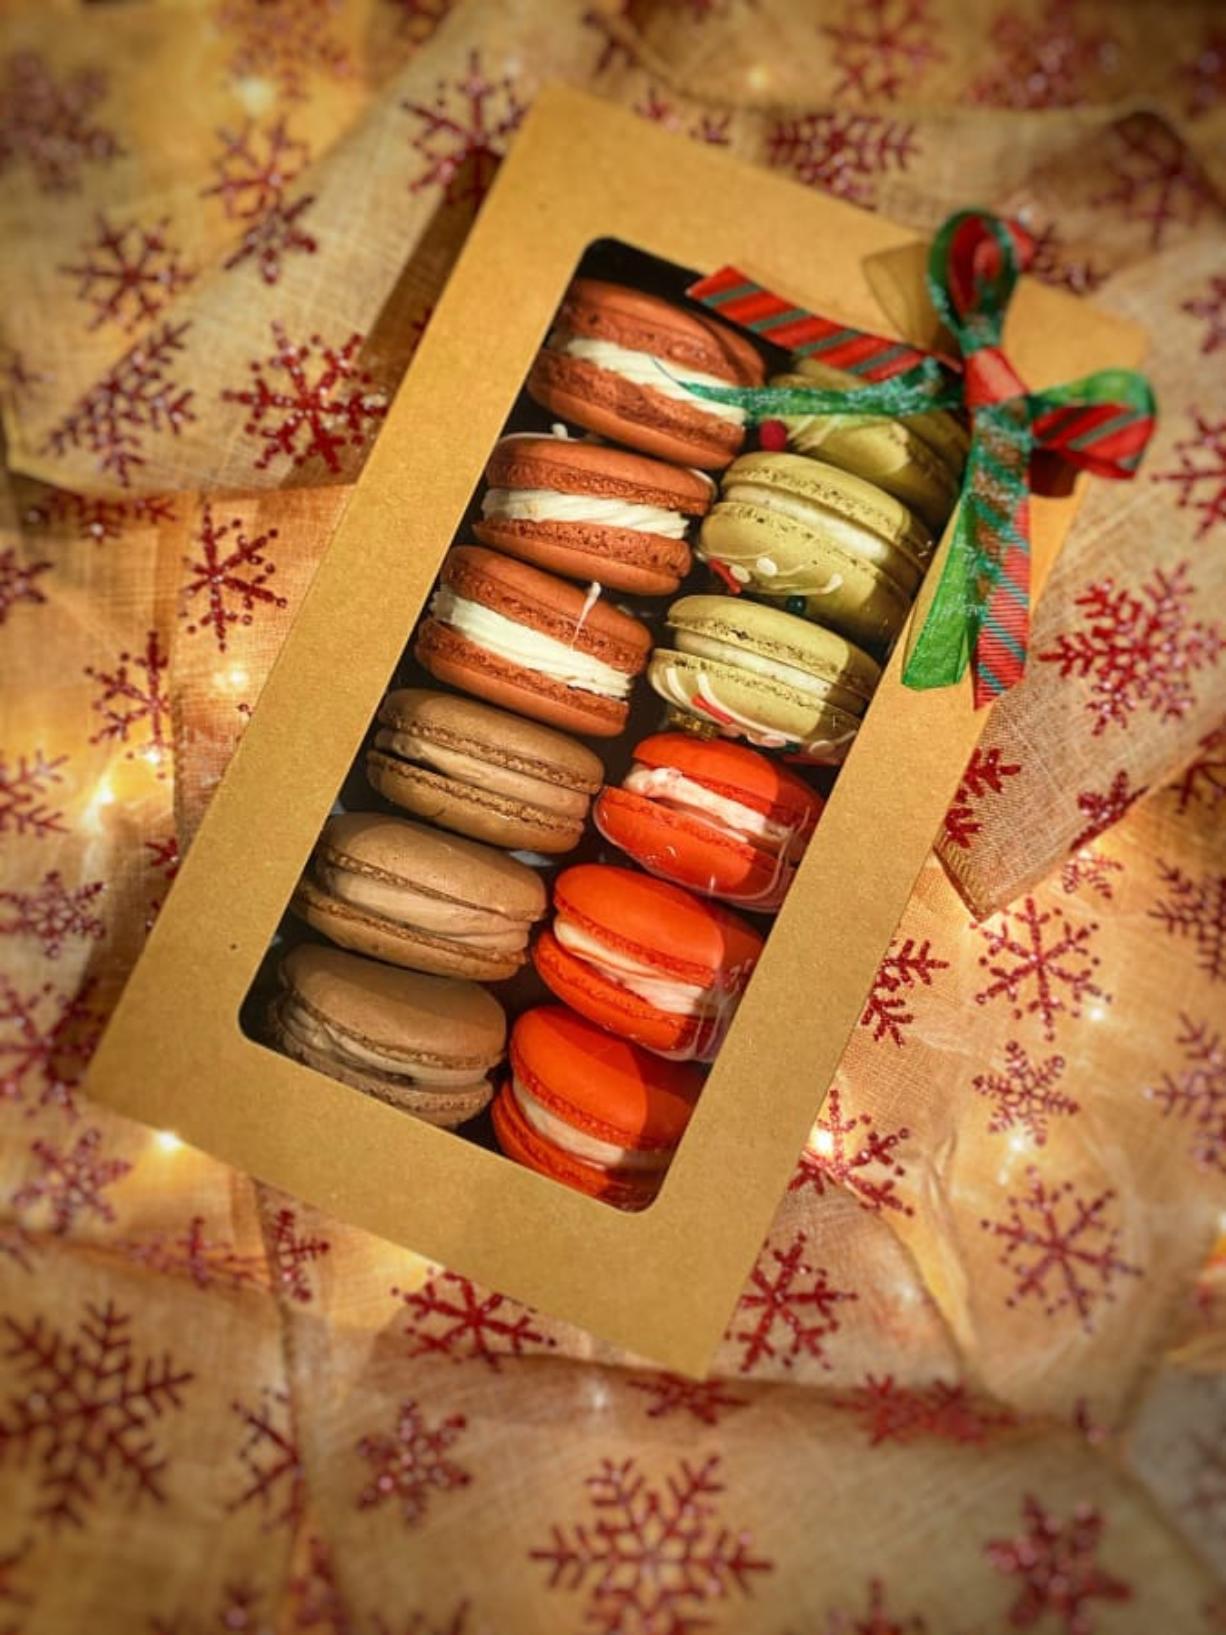 Macarons by Brittnee Klinger.